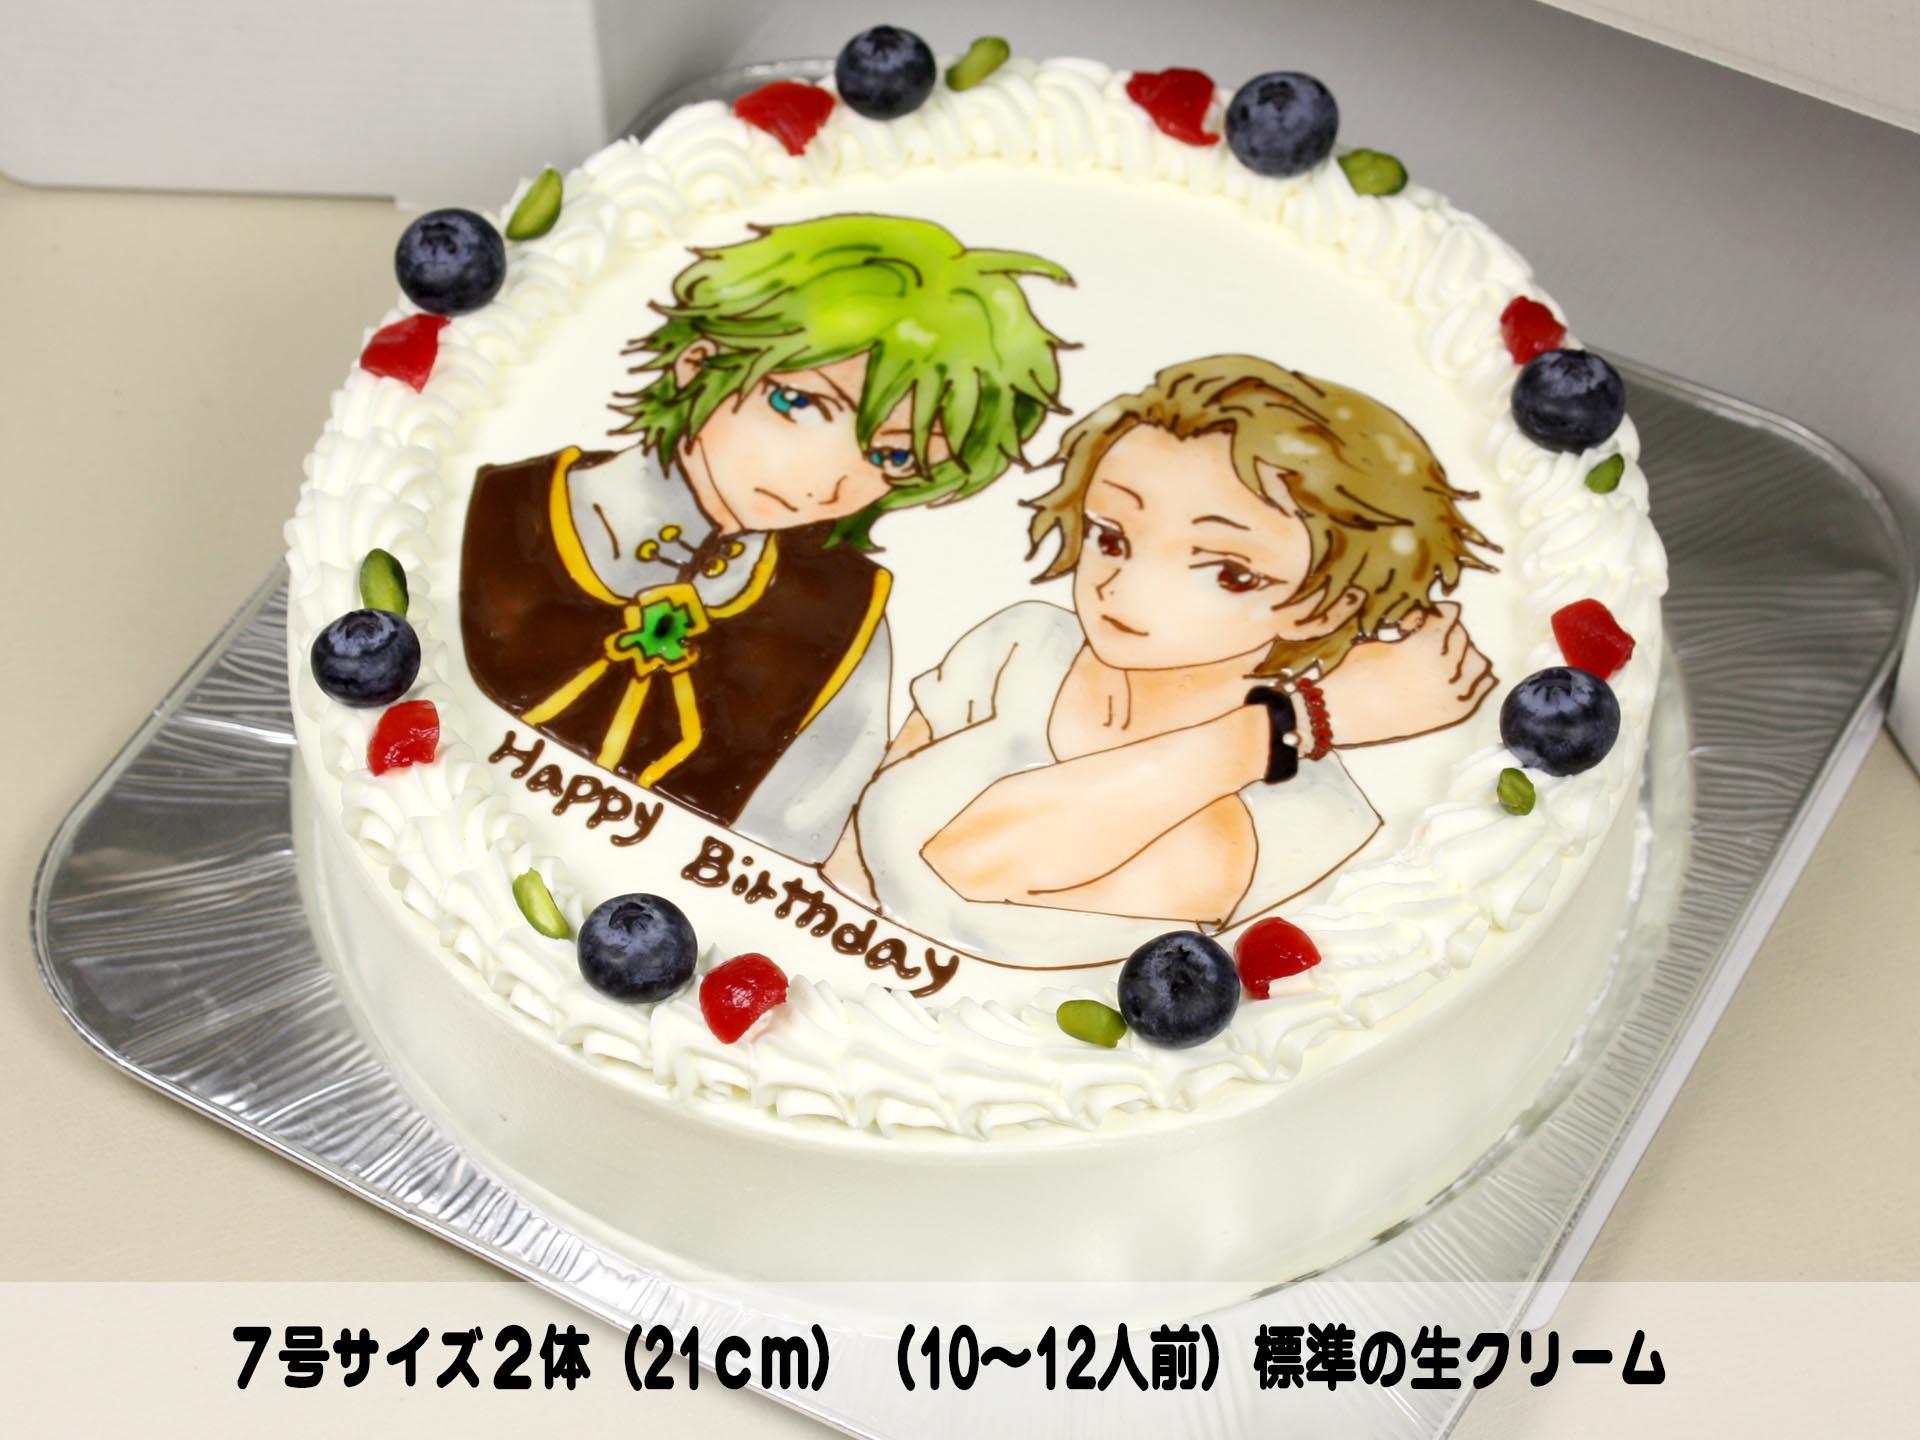 通販 キャラクターケーキ72号11